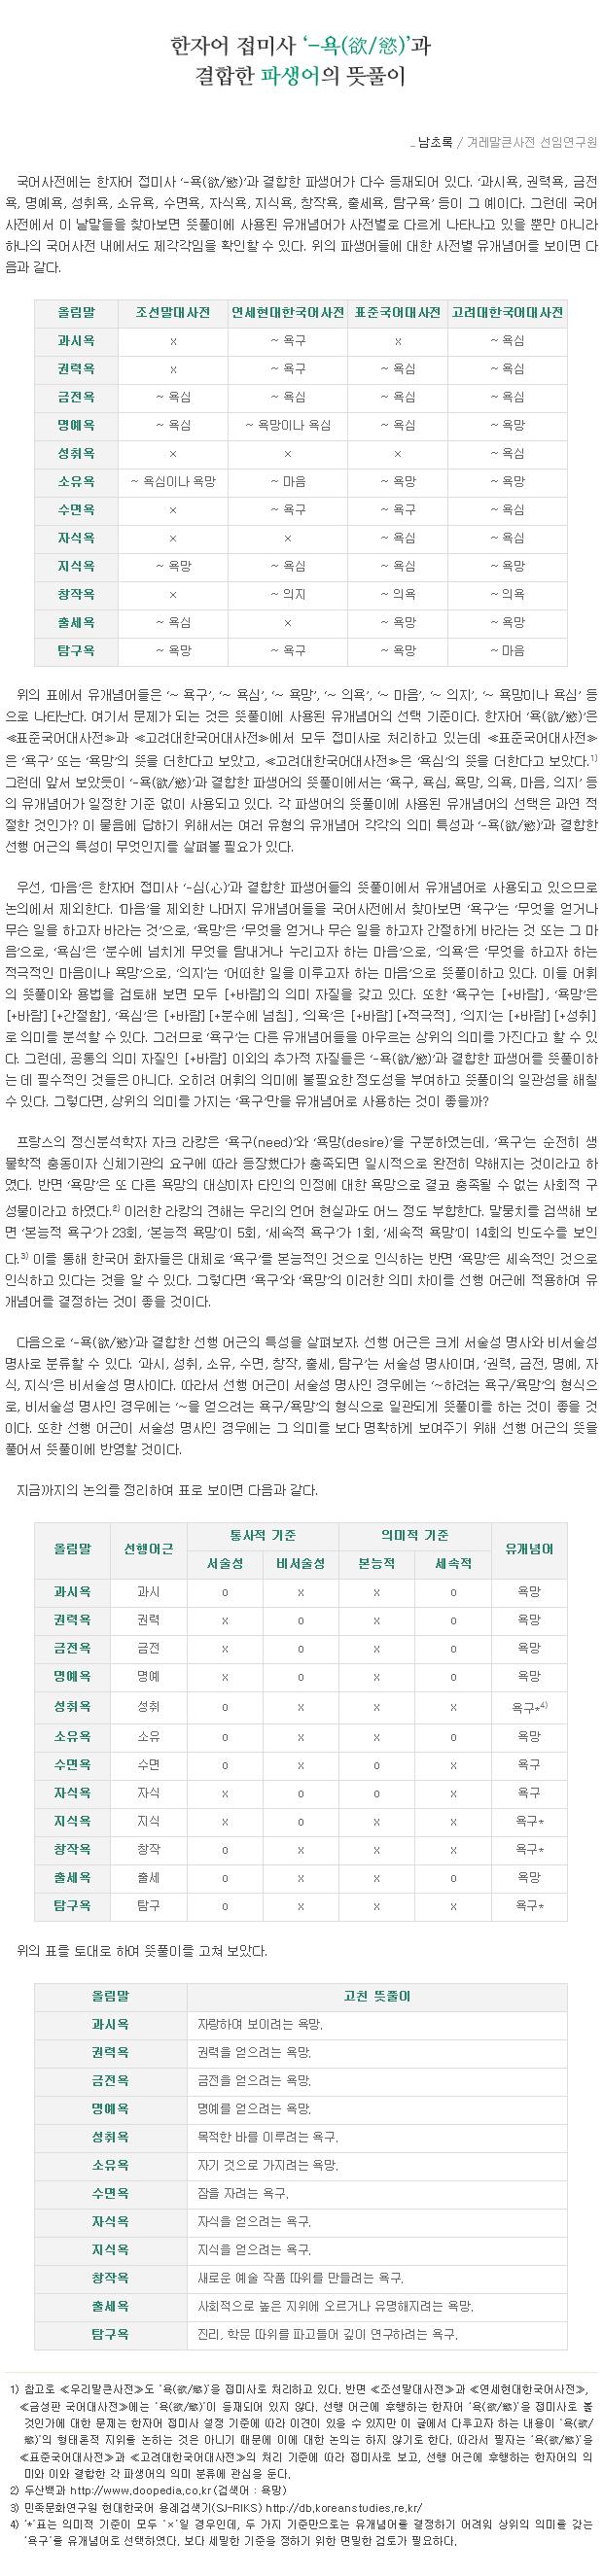 201706_새로찾은겨레말.jpg